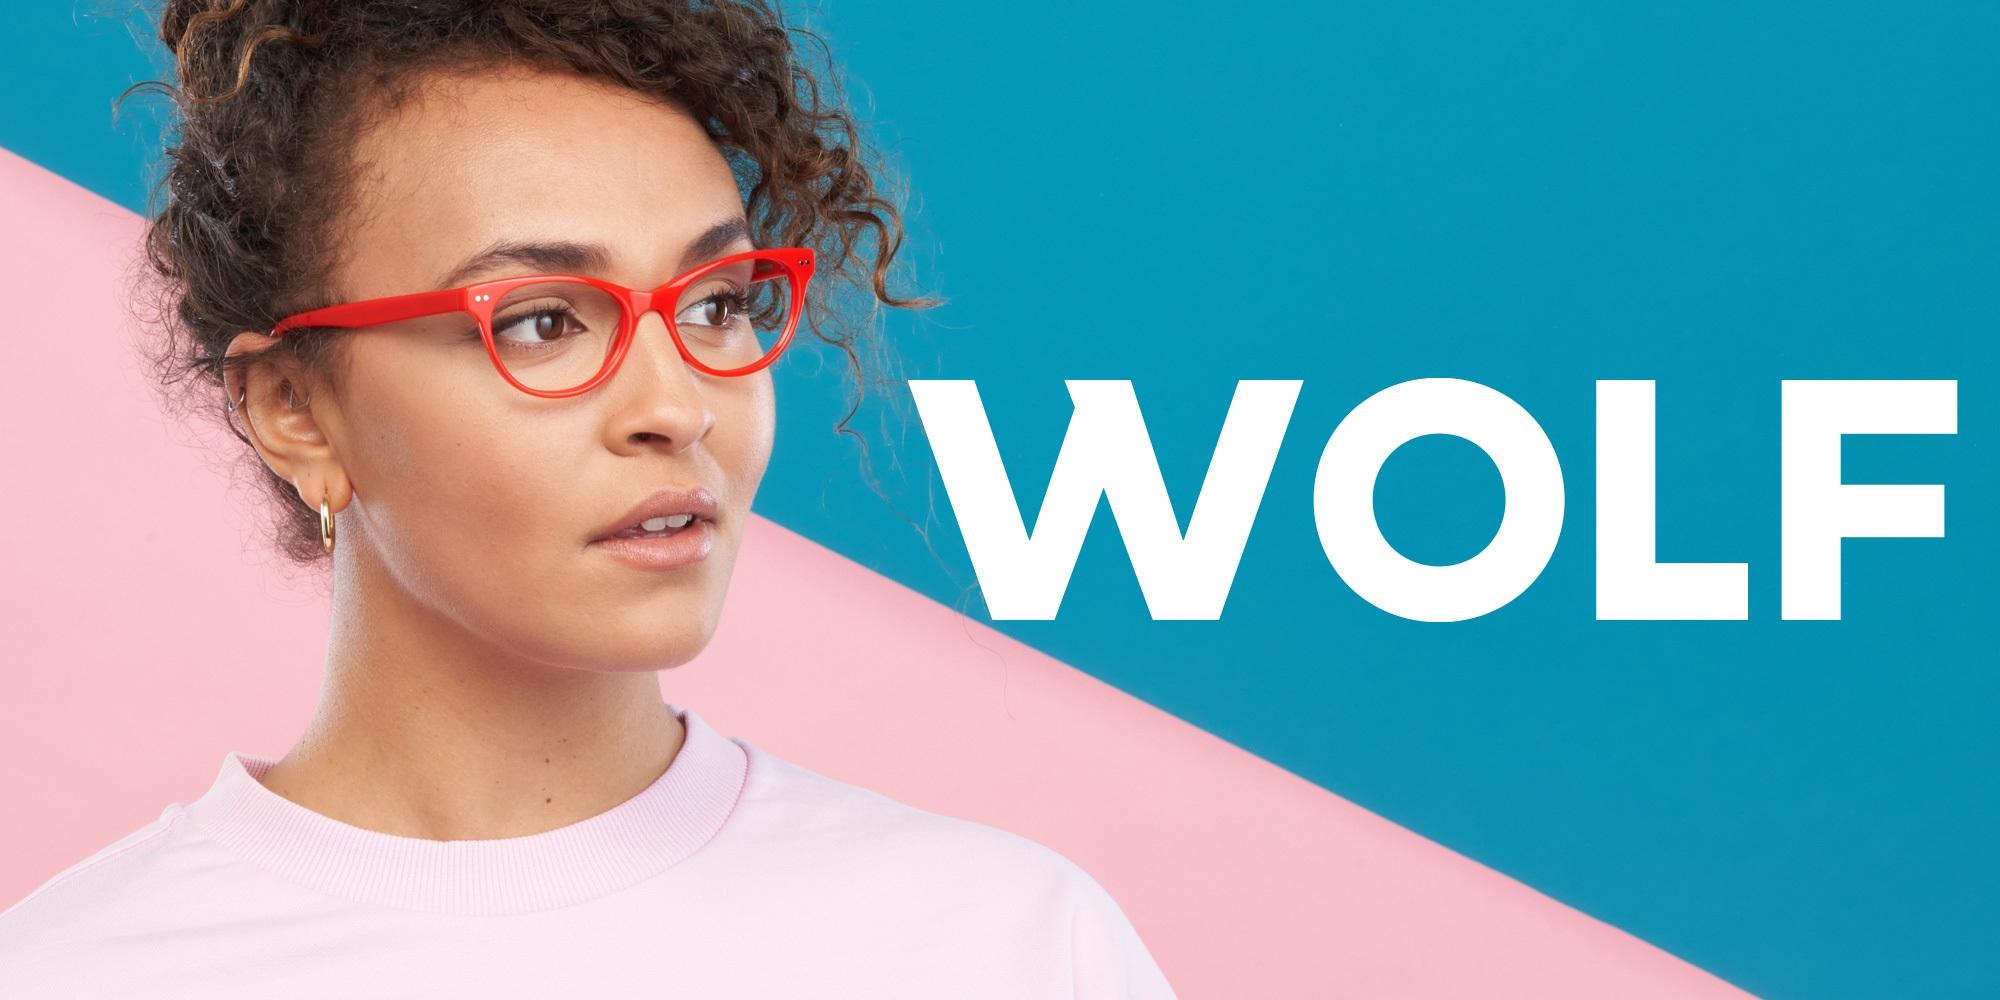 Wolf eyewear image